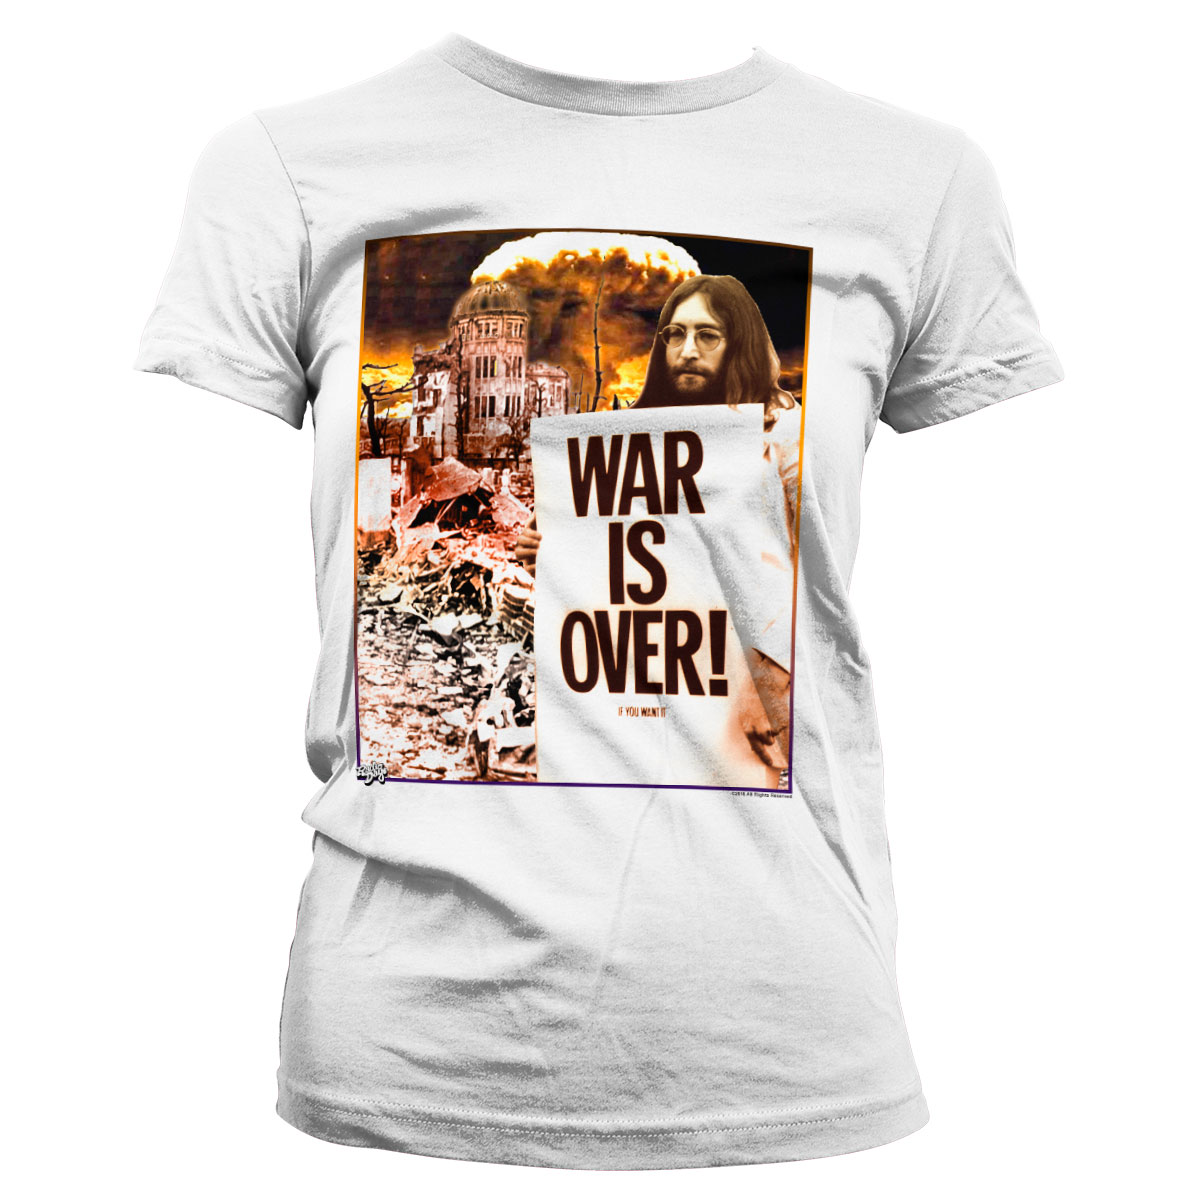 John Lennon - War Is Over Girly Tee